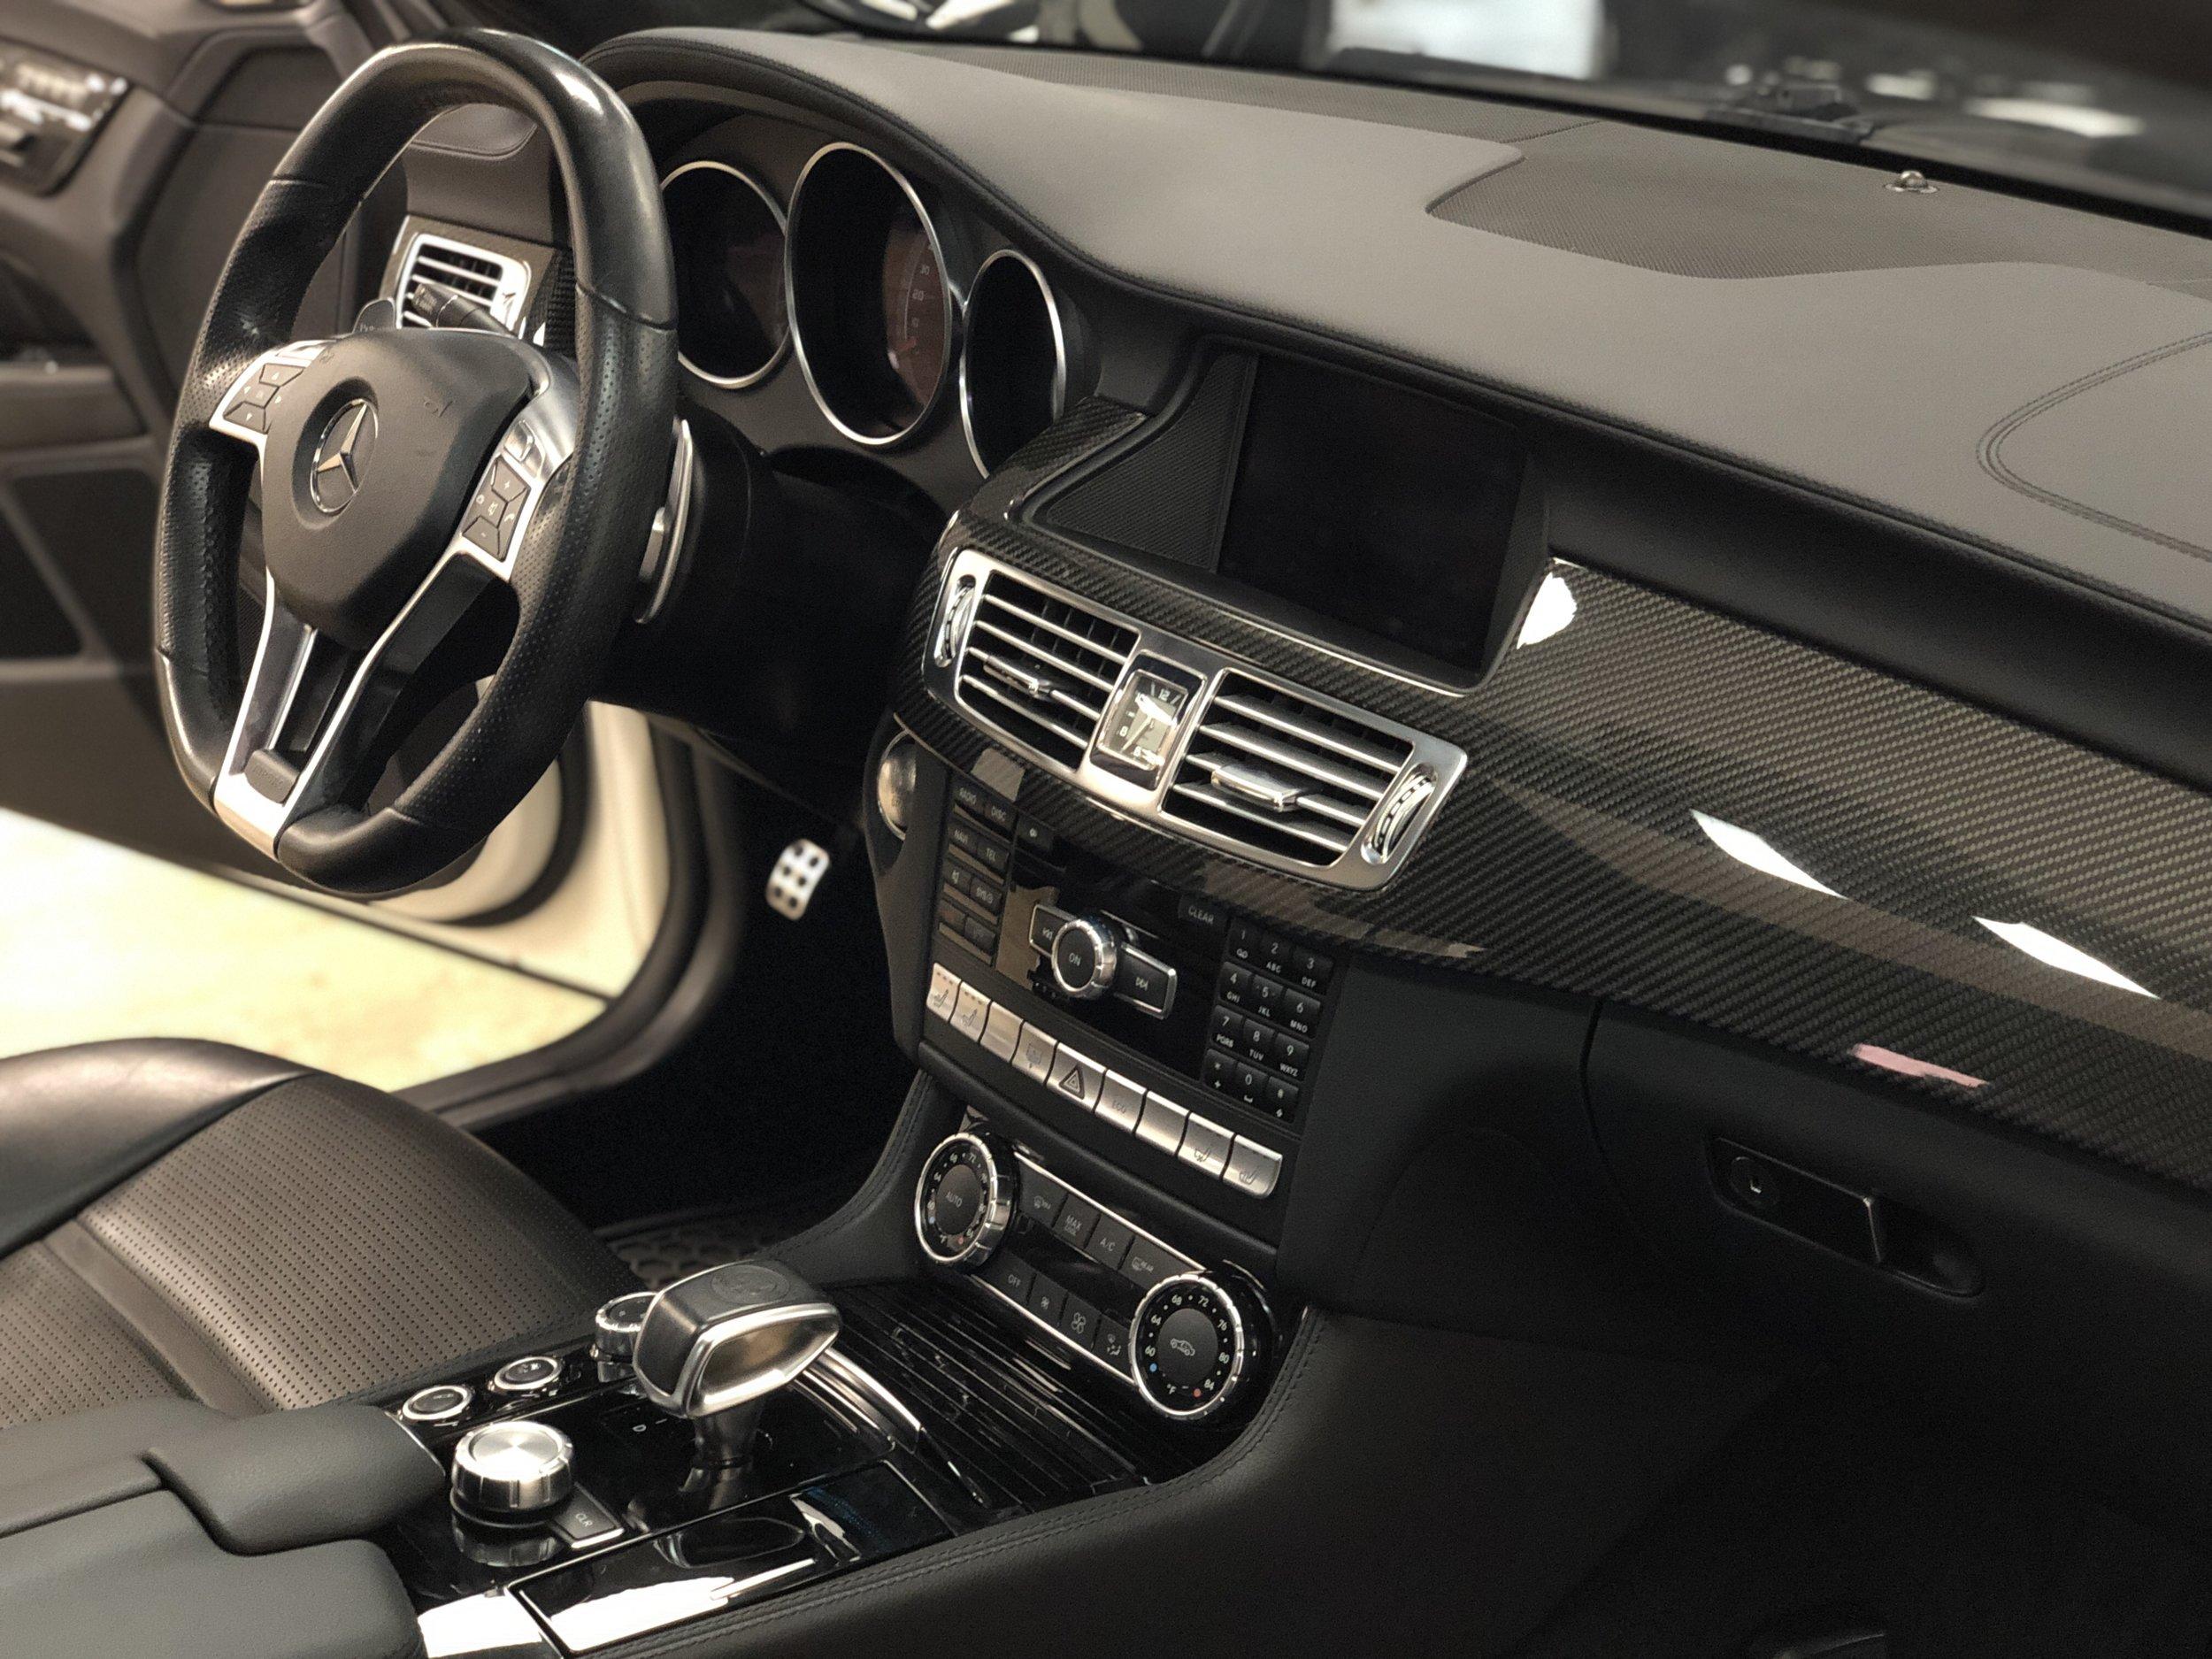 2012 Mercedes-Benz CLS 63 RENNTECH Car Interior